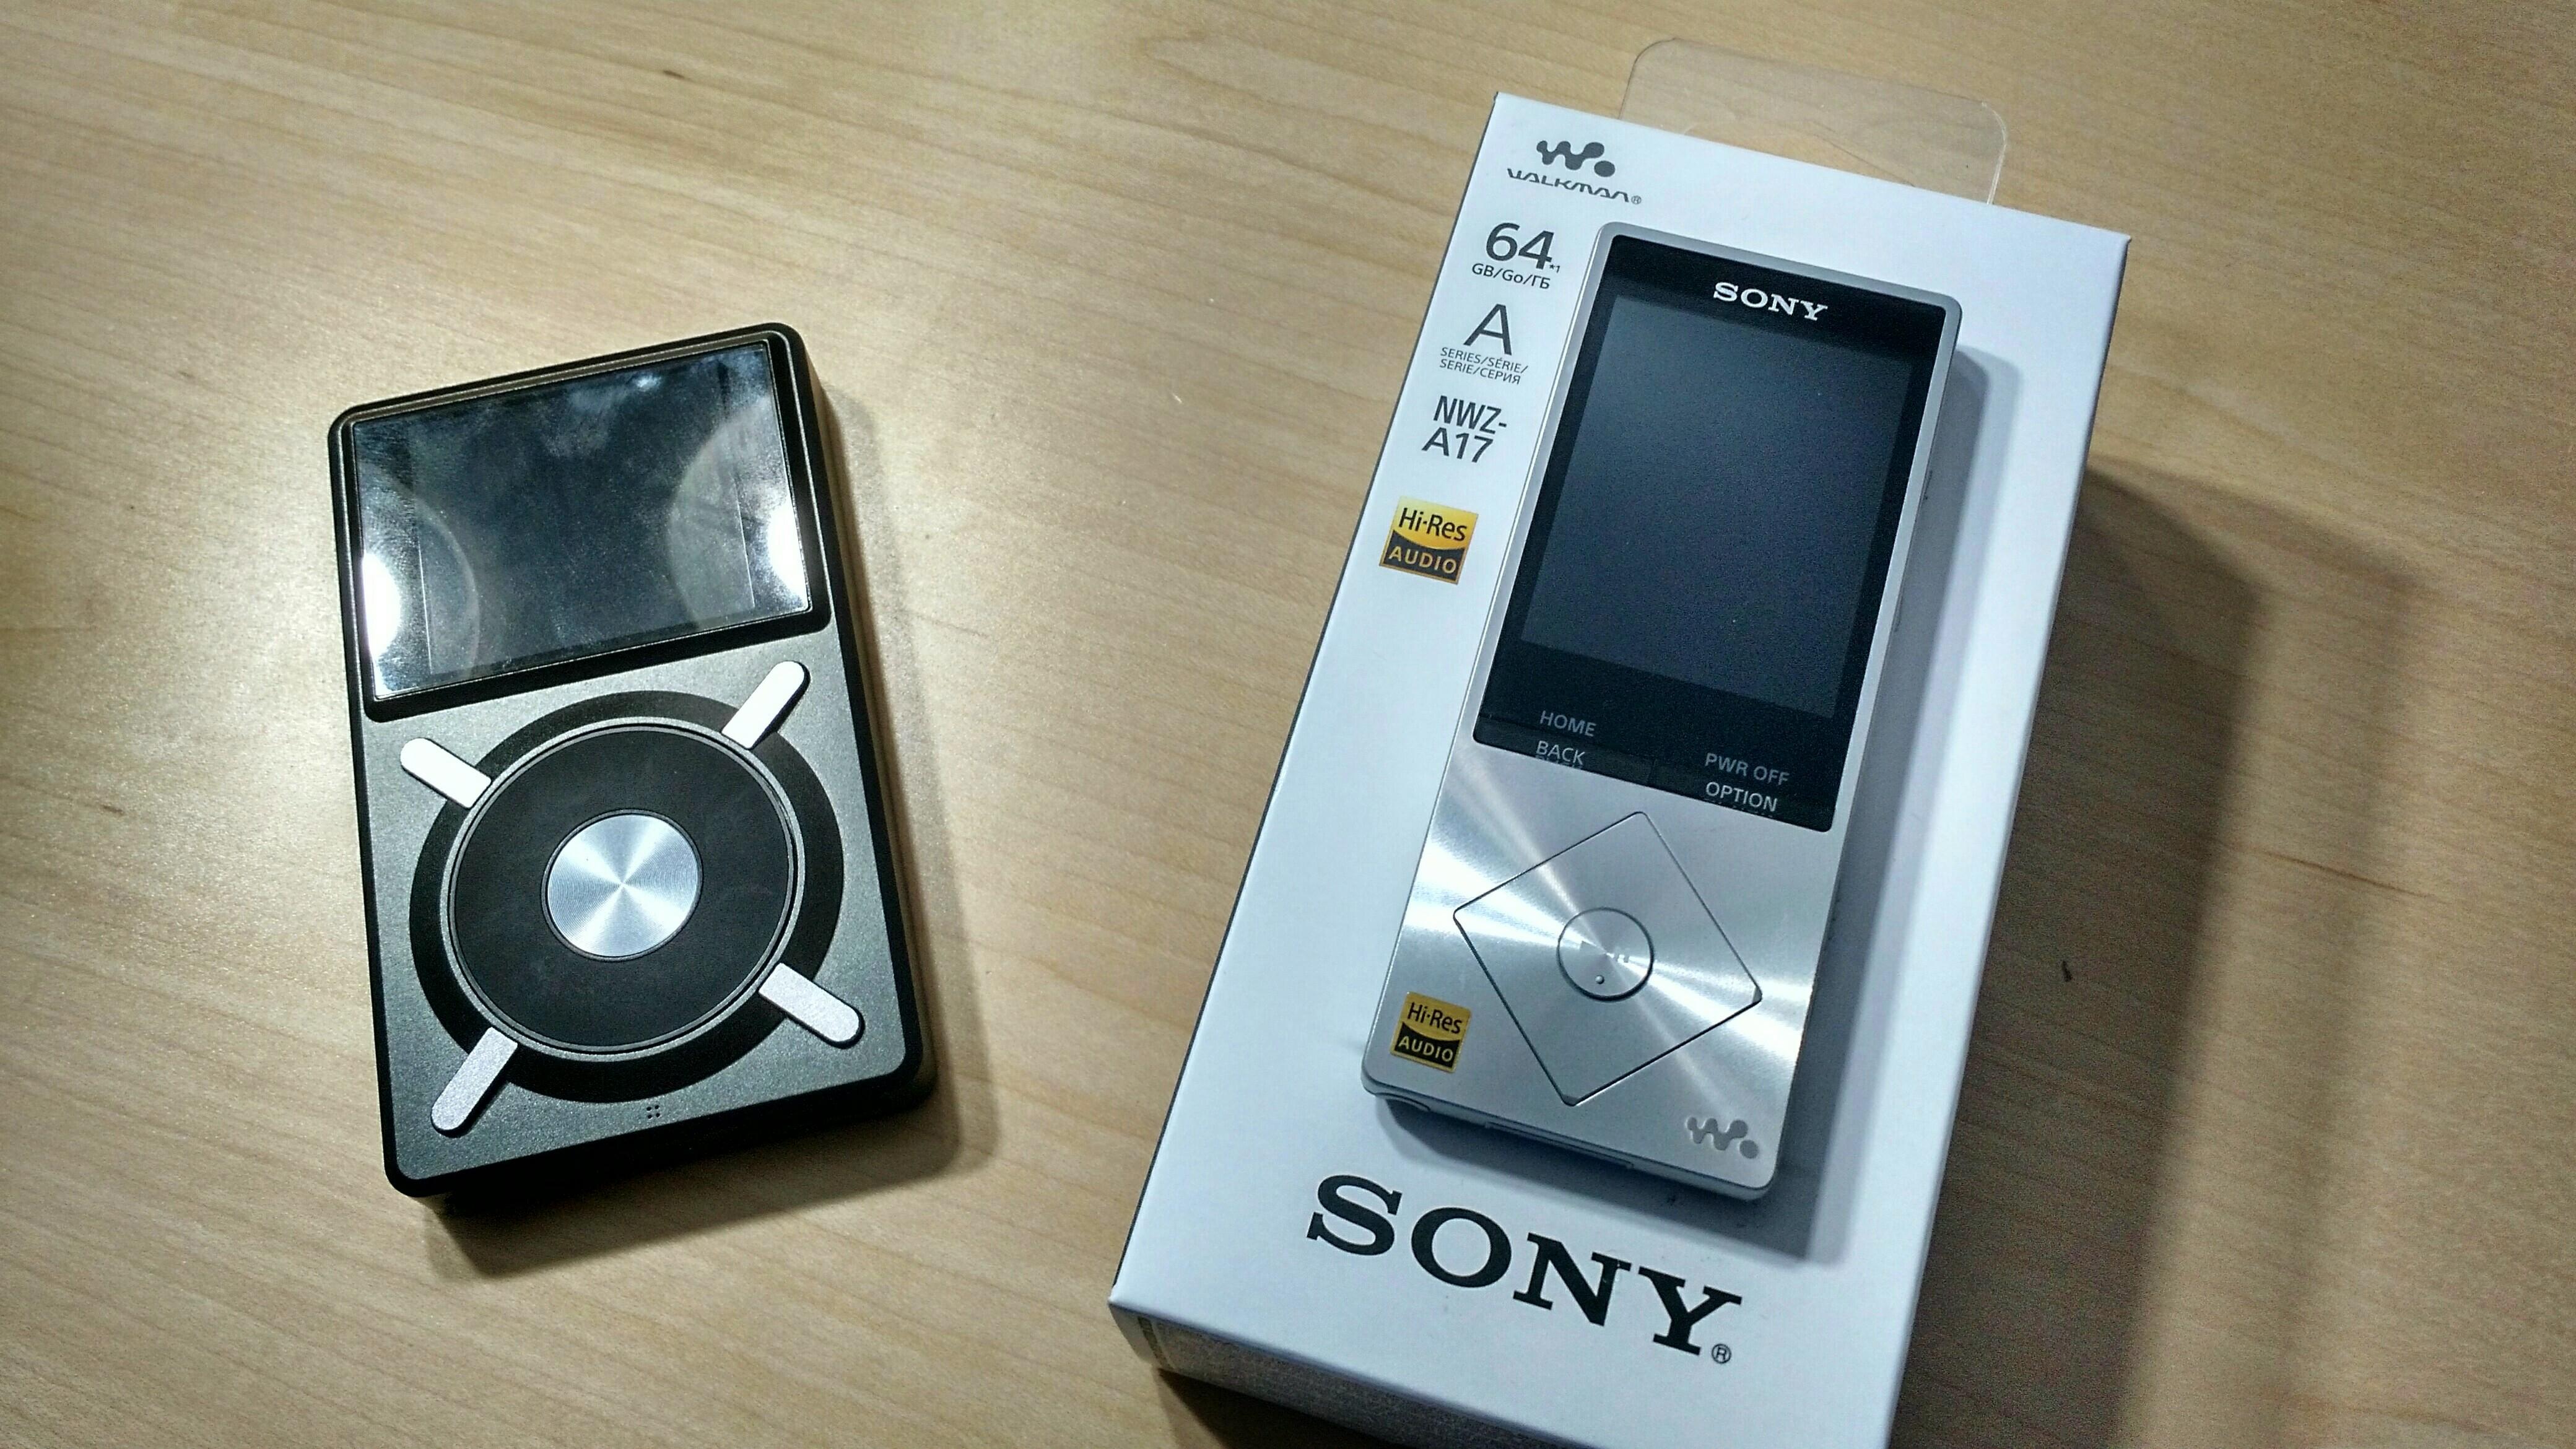 Fiio X5 and Sony Walkman A17